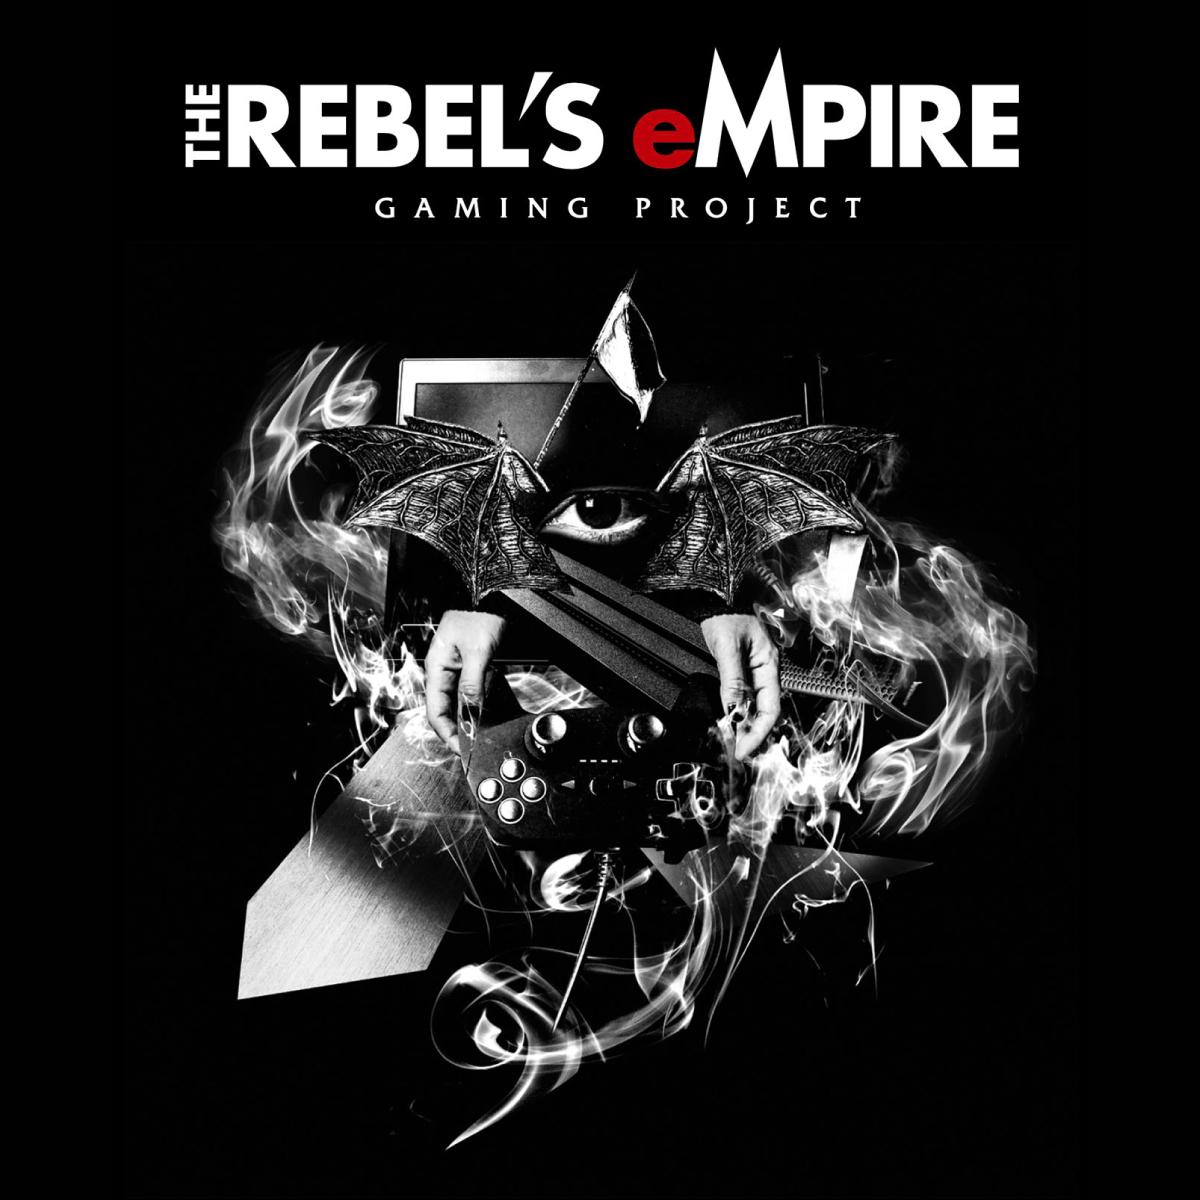 SSTV「THE REBEL'S eMPIRE」(KOUHEI)